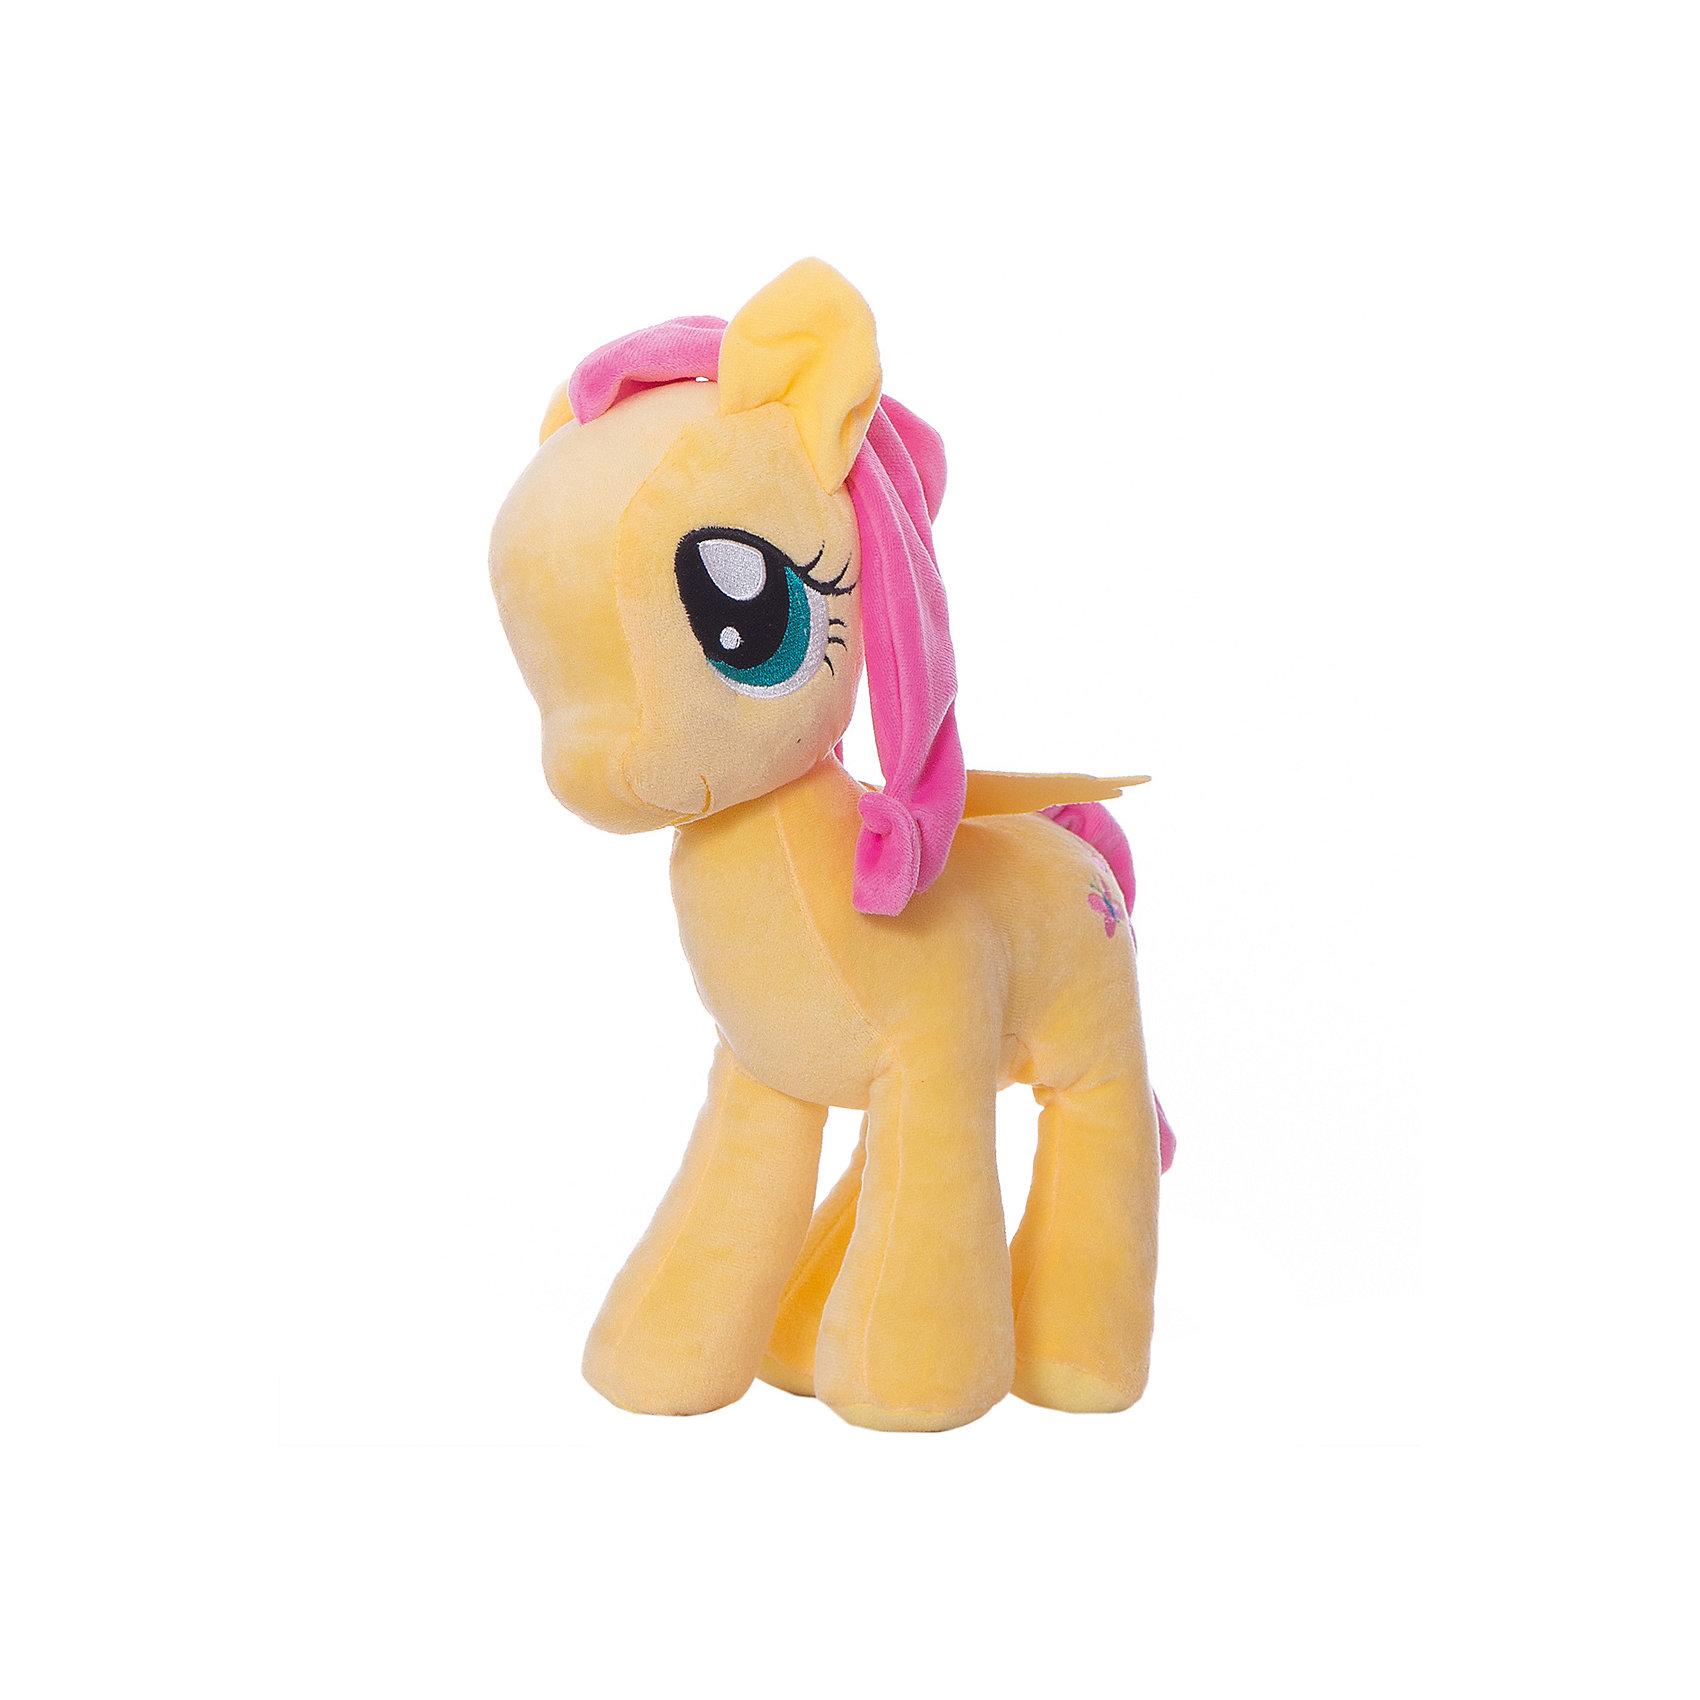 Плюшевые пони, B9817/C0117, My little Pony, HasbroМягкие игрушки из мультфильмов<br><br><br>Ширина мм: 89<br>Глубина мм: 203<br>Высота мм: 305<br>Вес г: 259<br>Возраст от месяцев: 36<br>Возраст до месяцев: 84<br>Пол: Женский<br>Возраст: Детский<br>SKU: 6861723